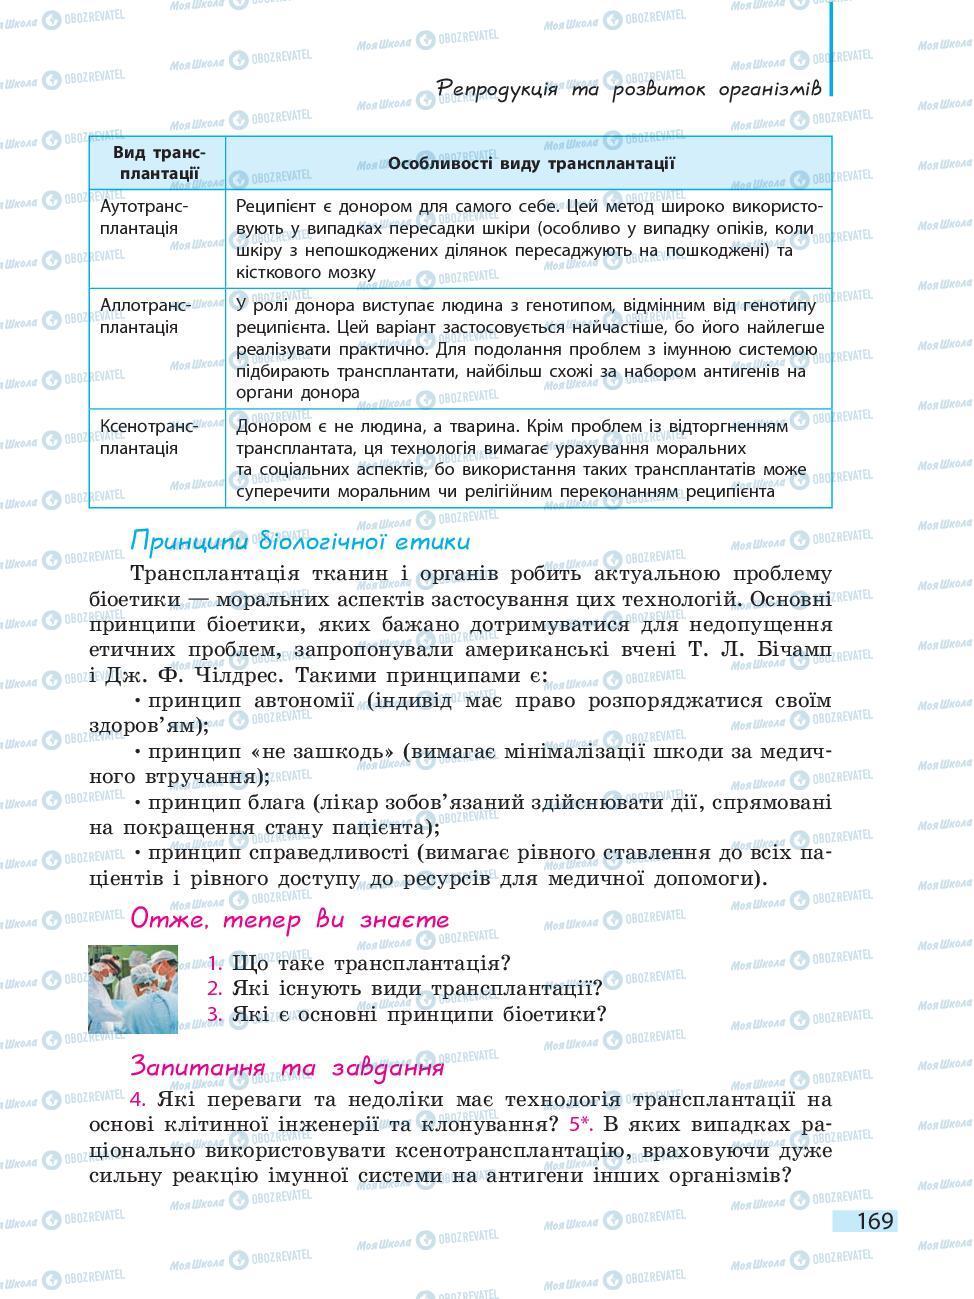 Підручники Біологія 10 клас сторінка 169